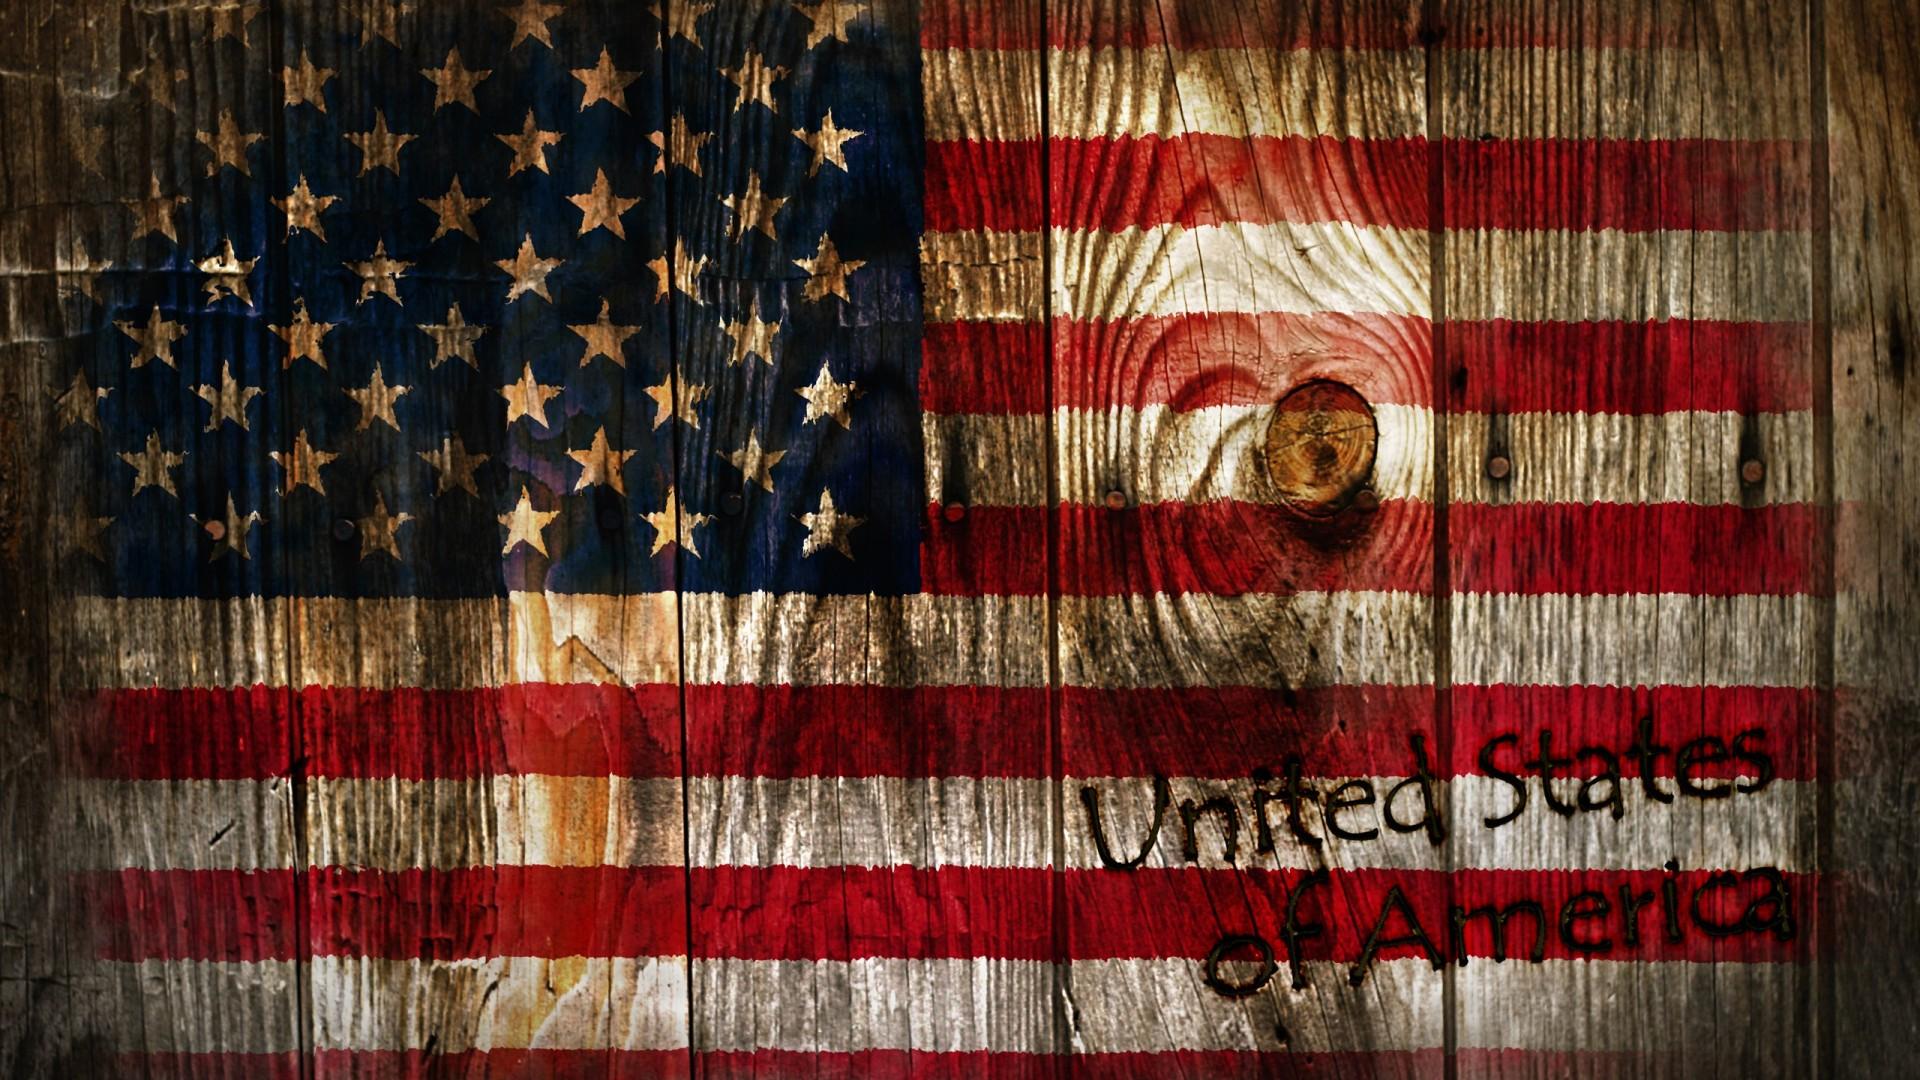 48+ HD Patriotic Wallpaper on WallpaperSafari